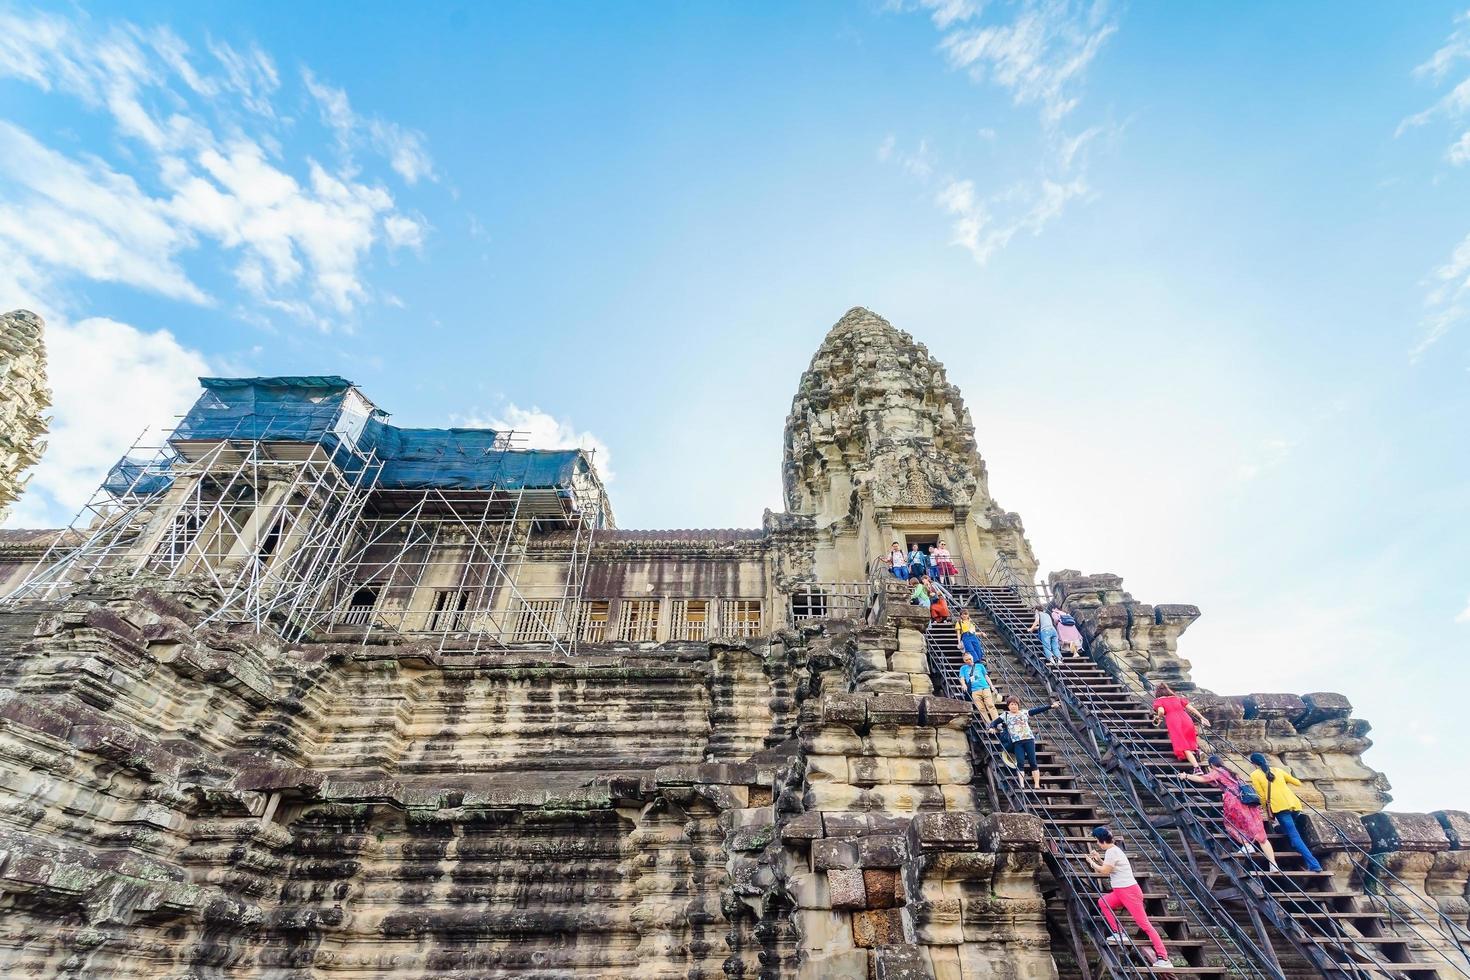 mensen bij de tempel van angkor wat, siem reap, cambodja foto